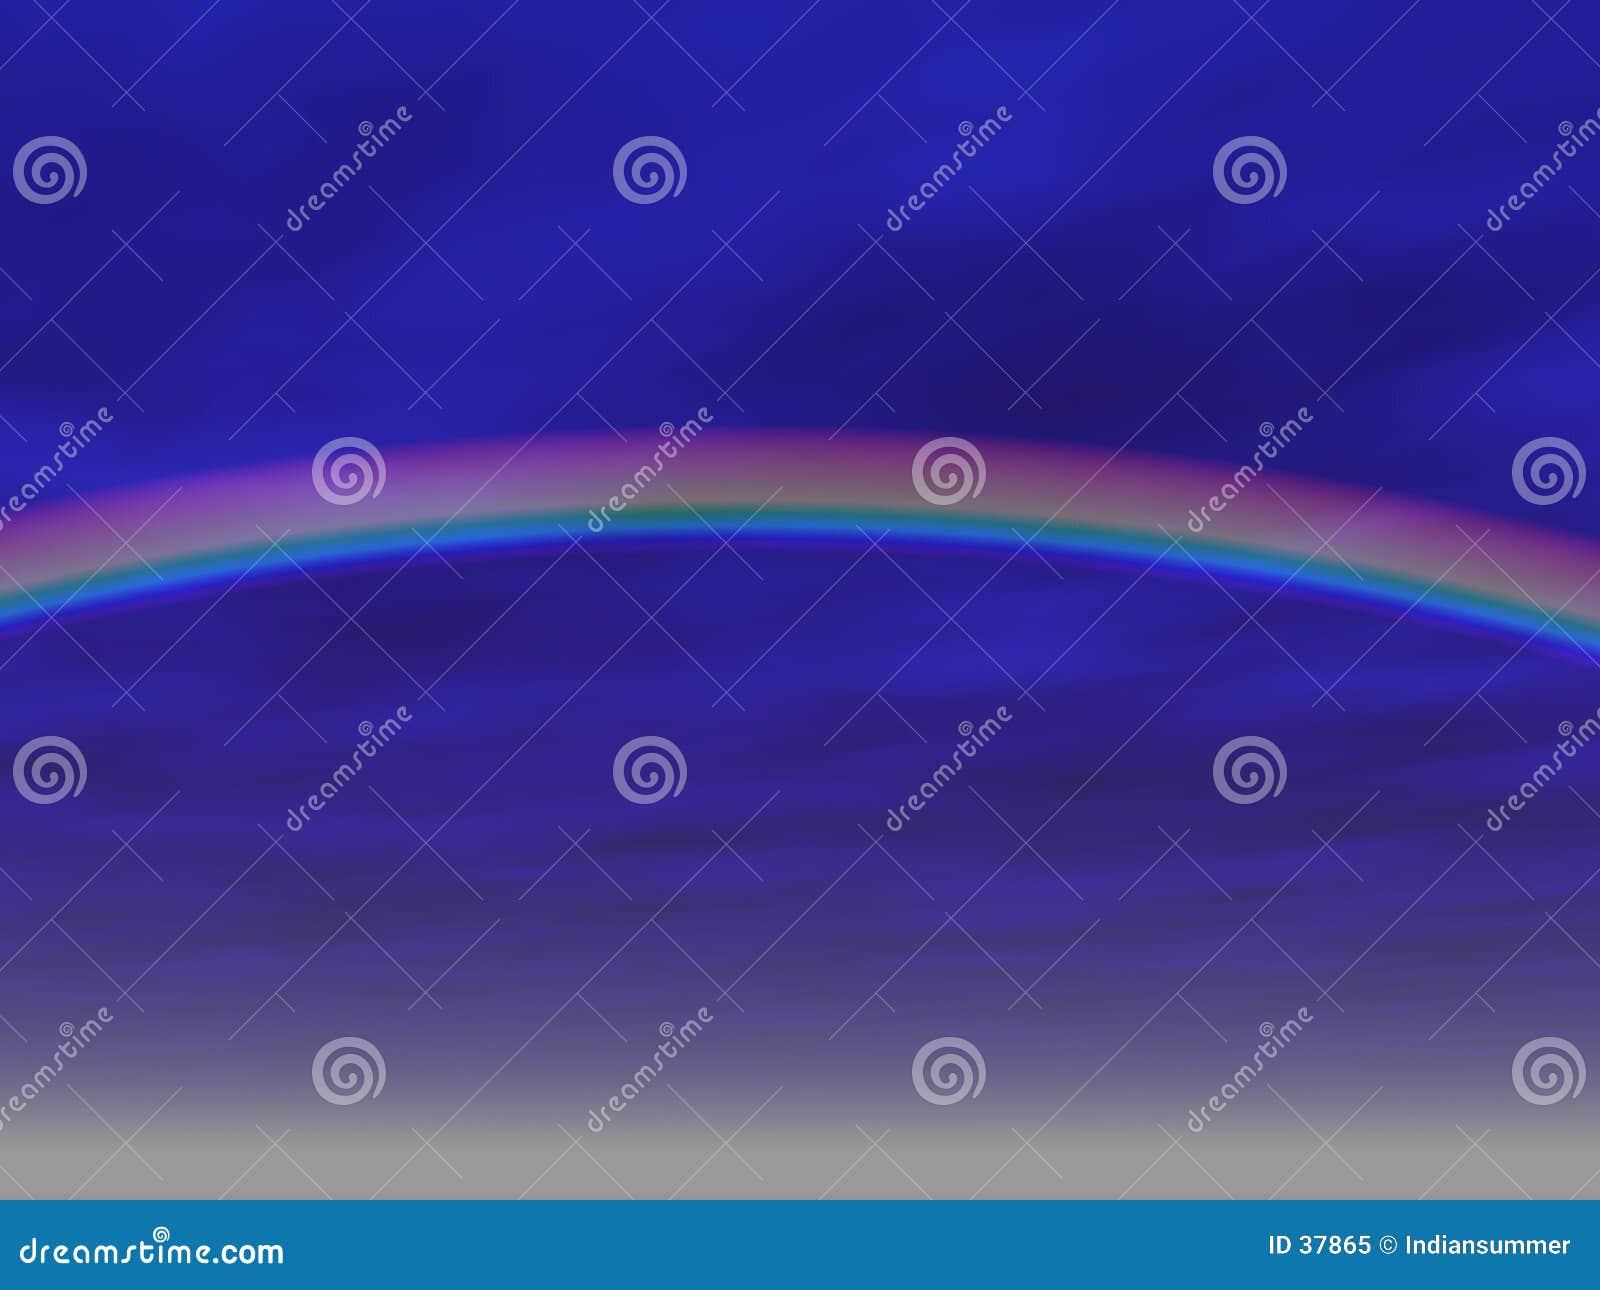 Download Fondo del arco iris stock de ilustración. Ilustración de nubes - 37865